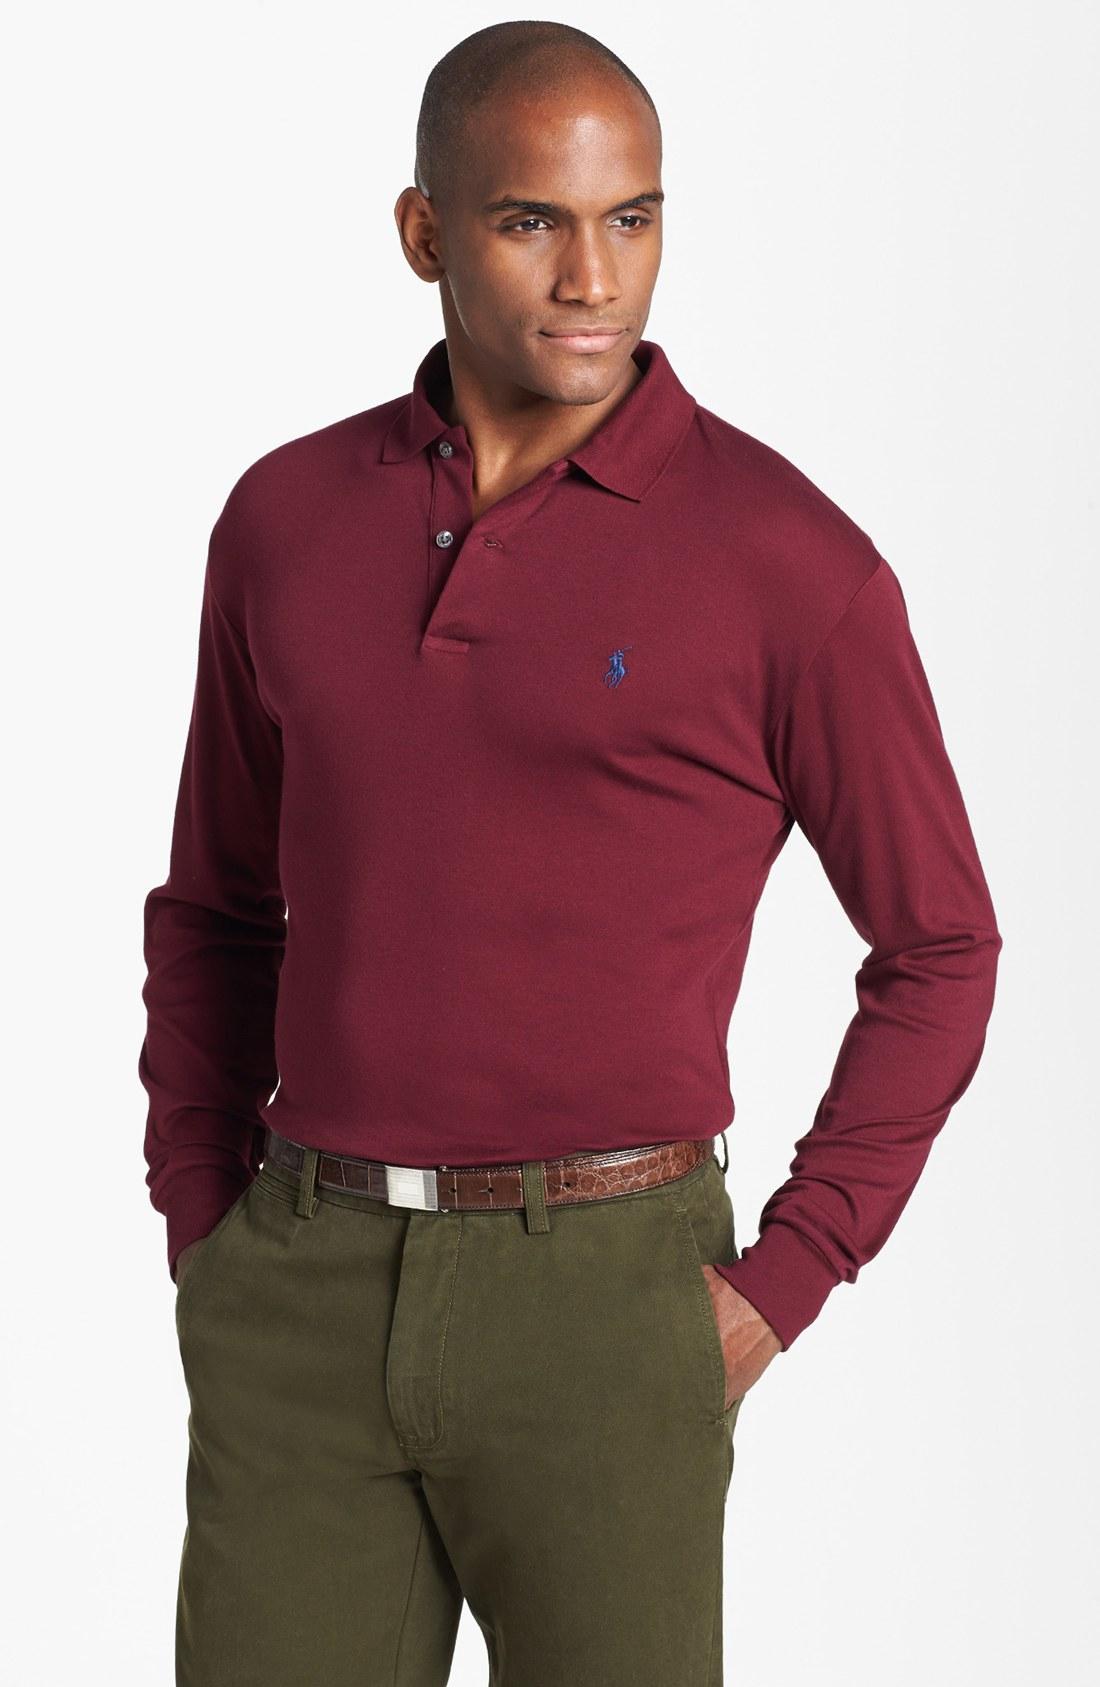 Ralph Lauren Wine Red Soft Mesh Men Sweaters